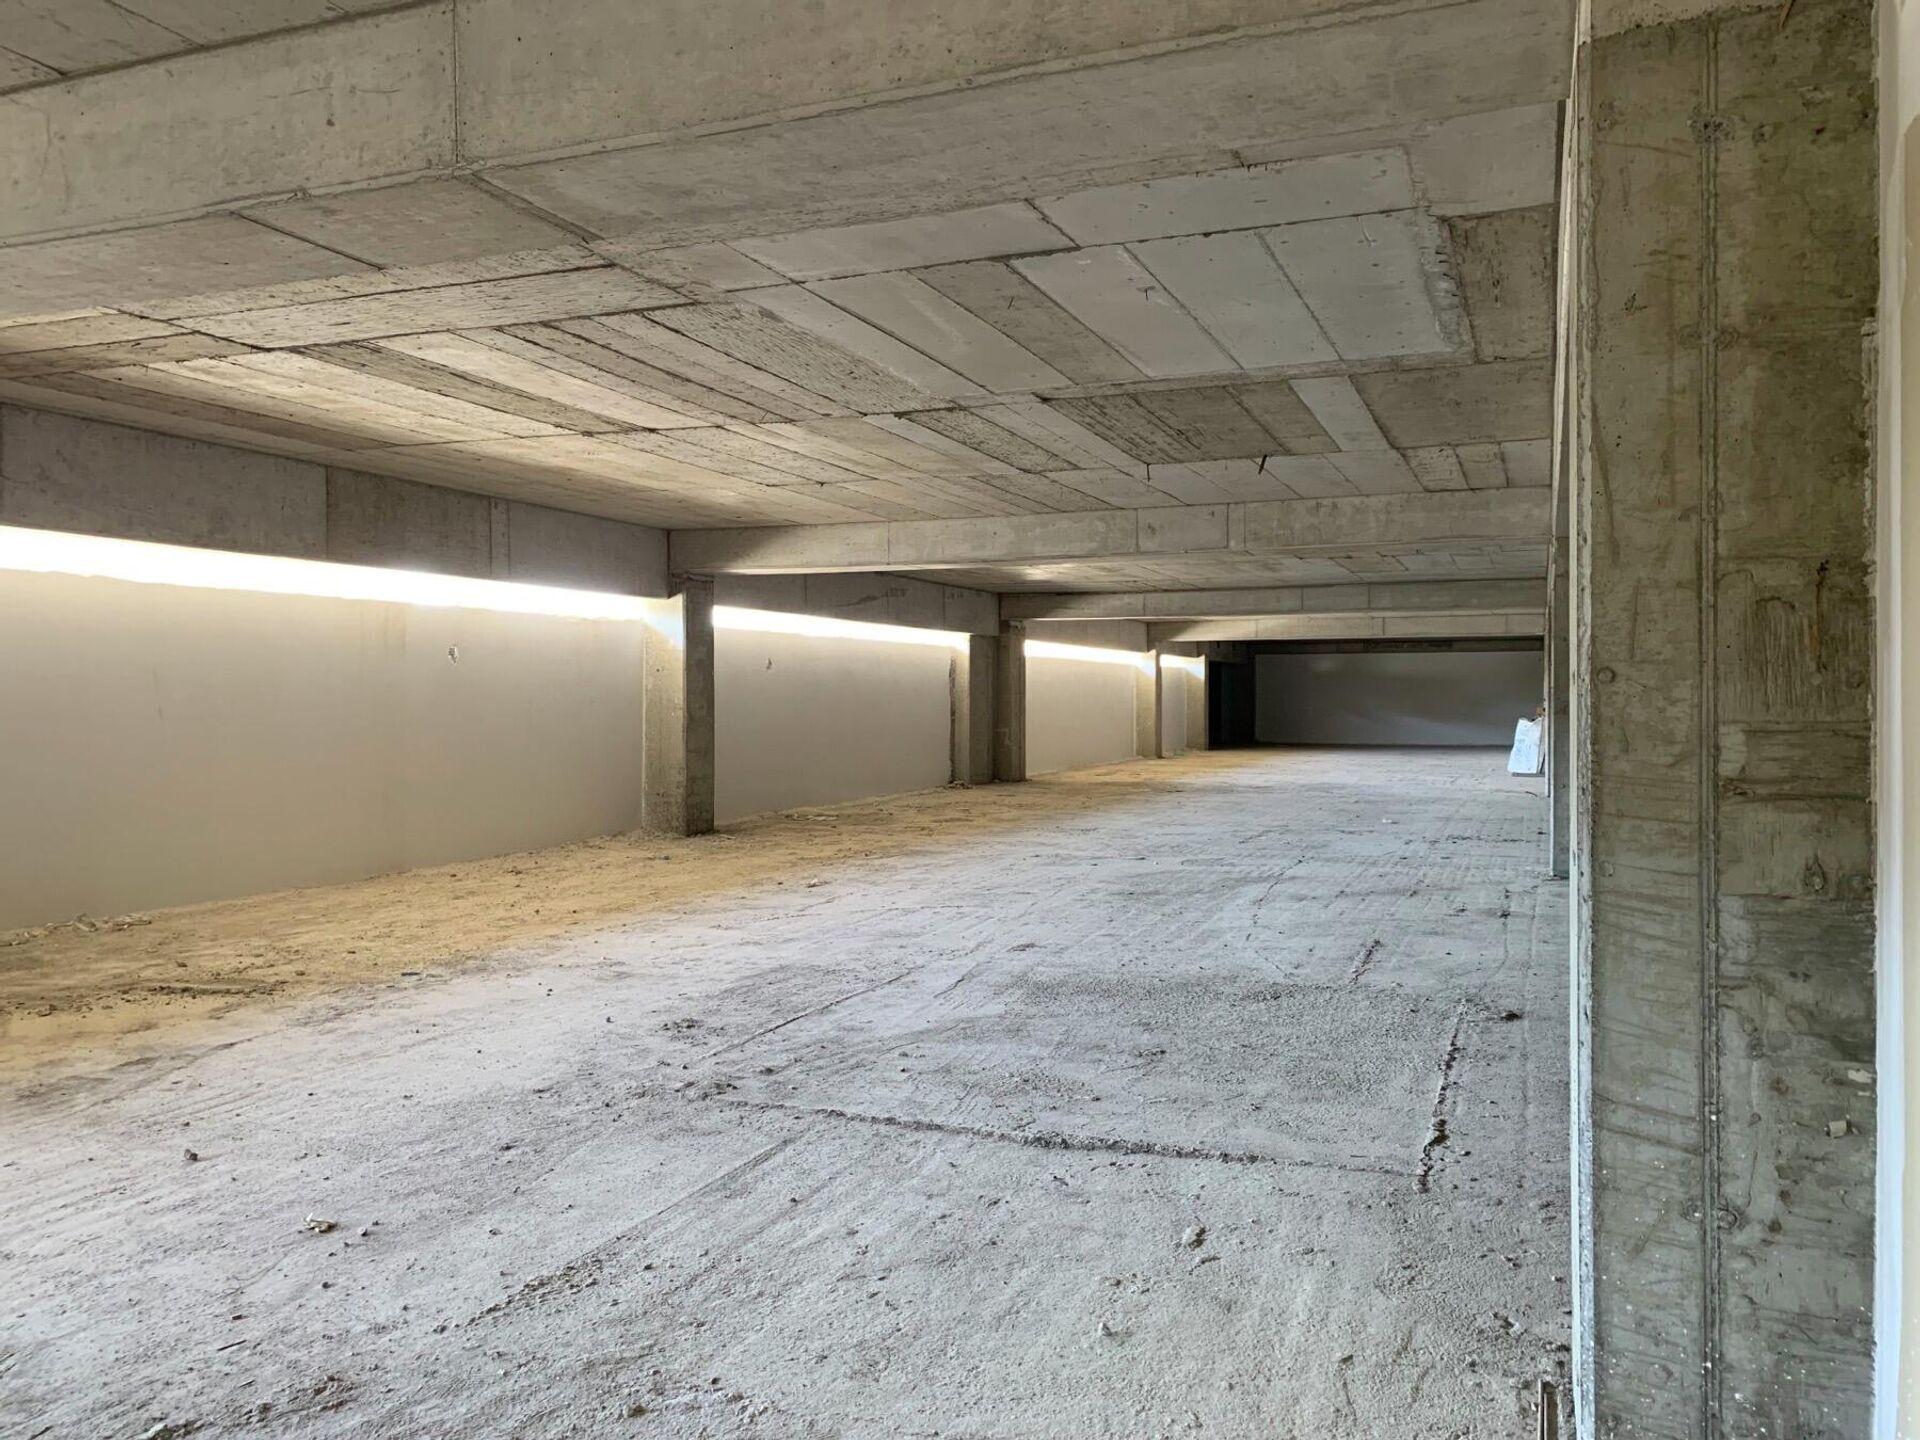 Ο χώρος που θα στεγάσει το μουσείο μικρασιατικού ελληνισμού μέσα στο γήπεδο της ΑΕΚ - Sputnik Ελλάδα, 1920, 29.09.2021